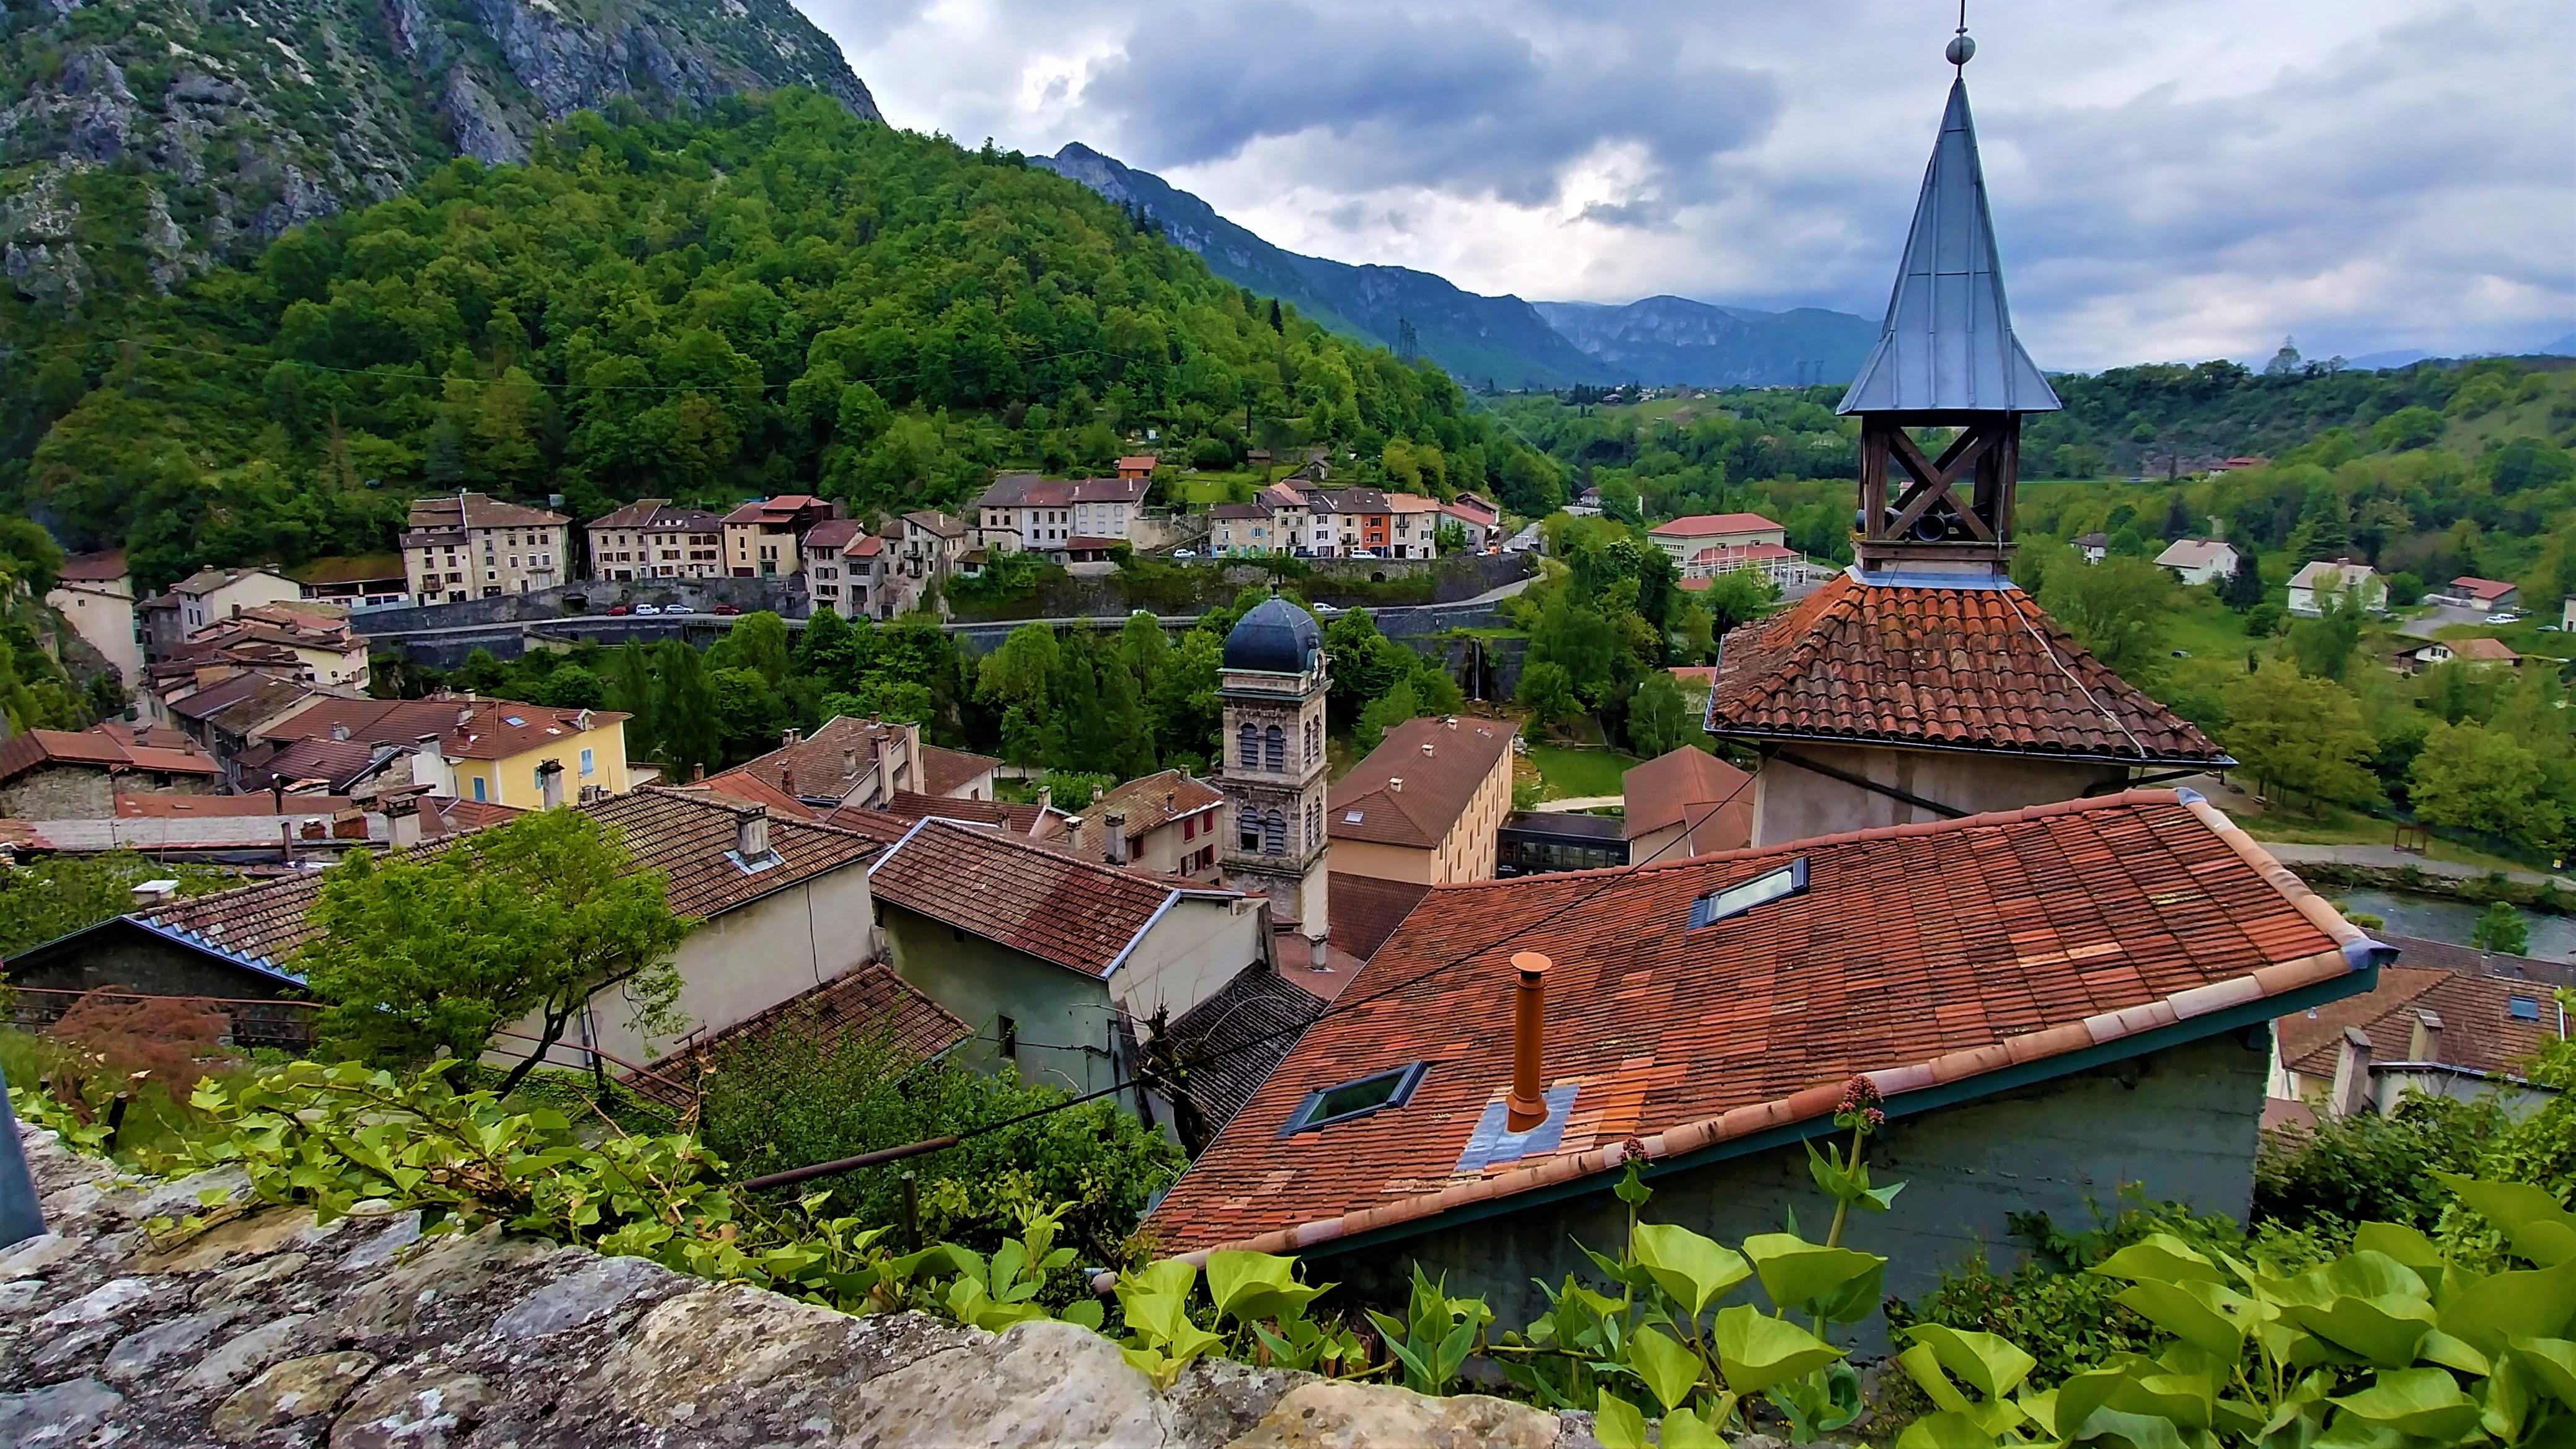 pont-en-royans village medieval isere infos pratiques